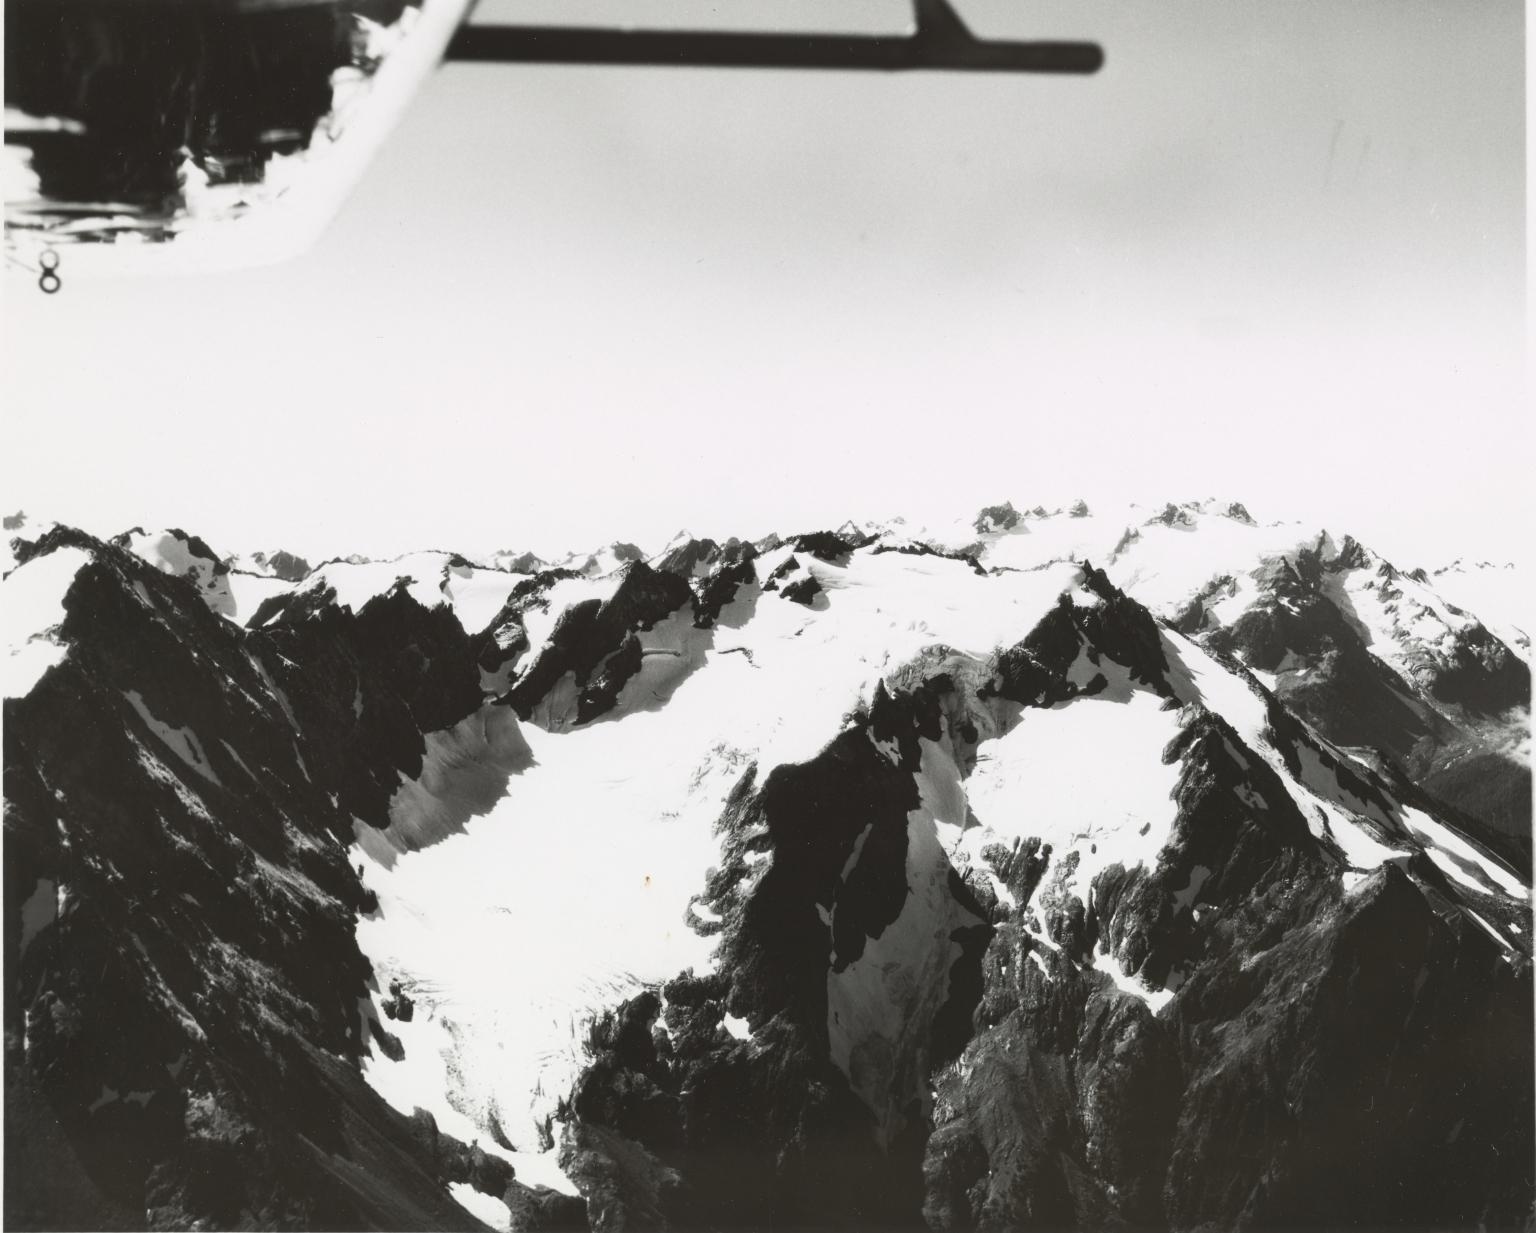 Glacier west of Carrie Glacier, Washington